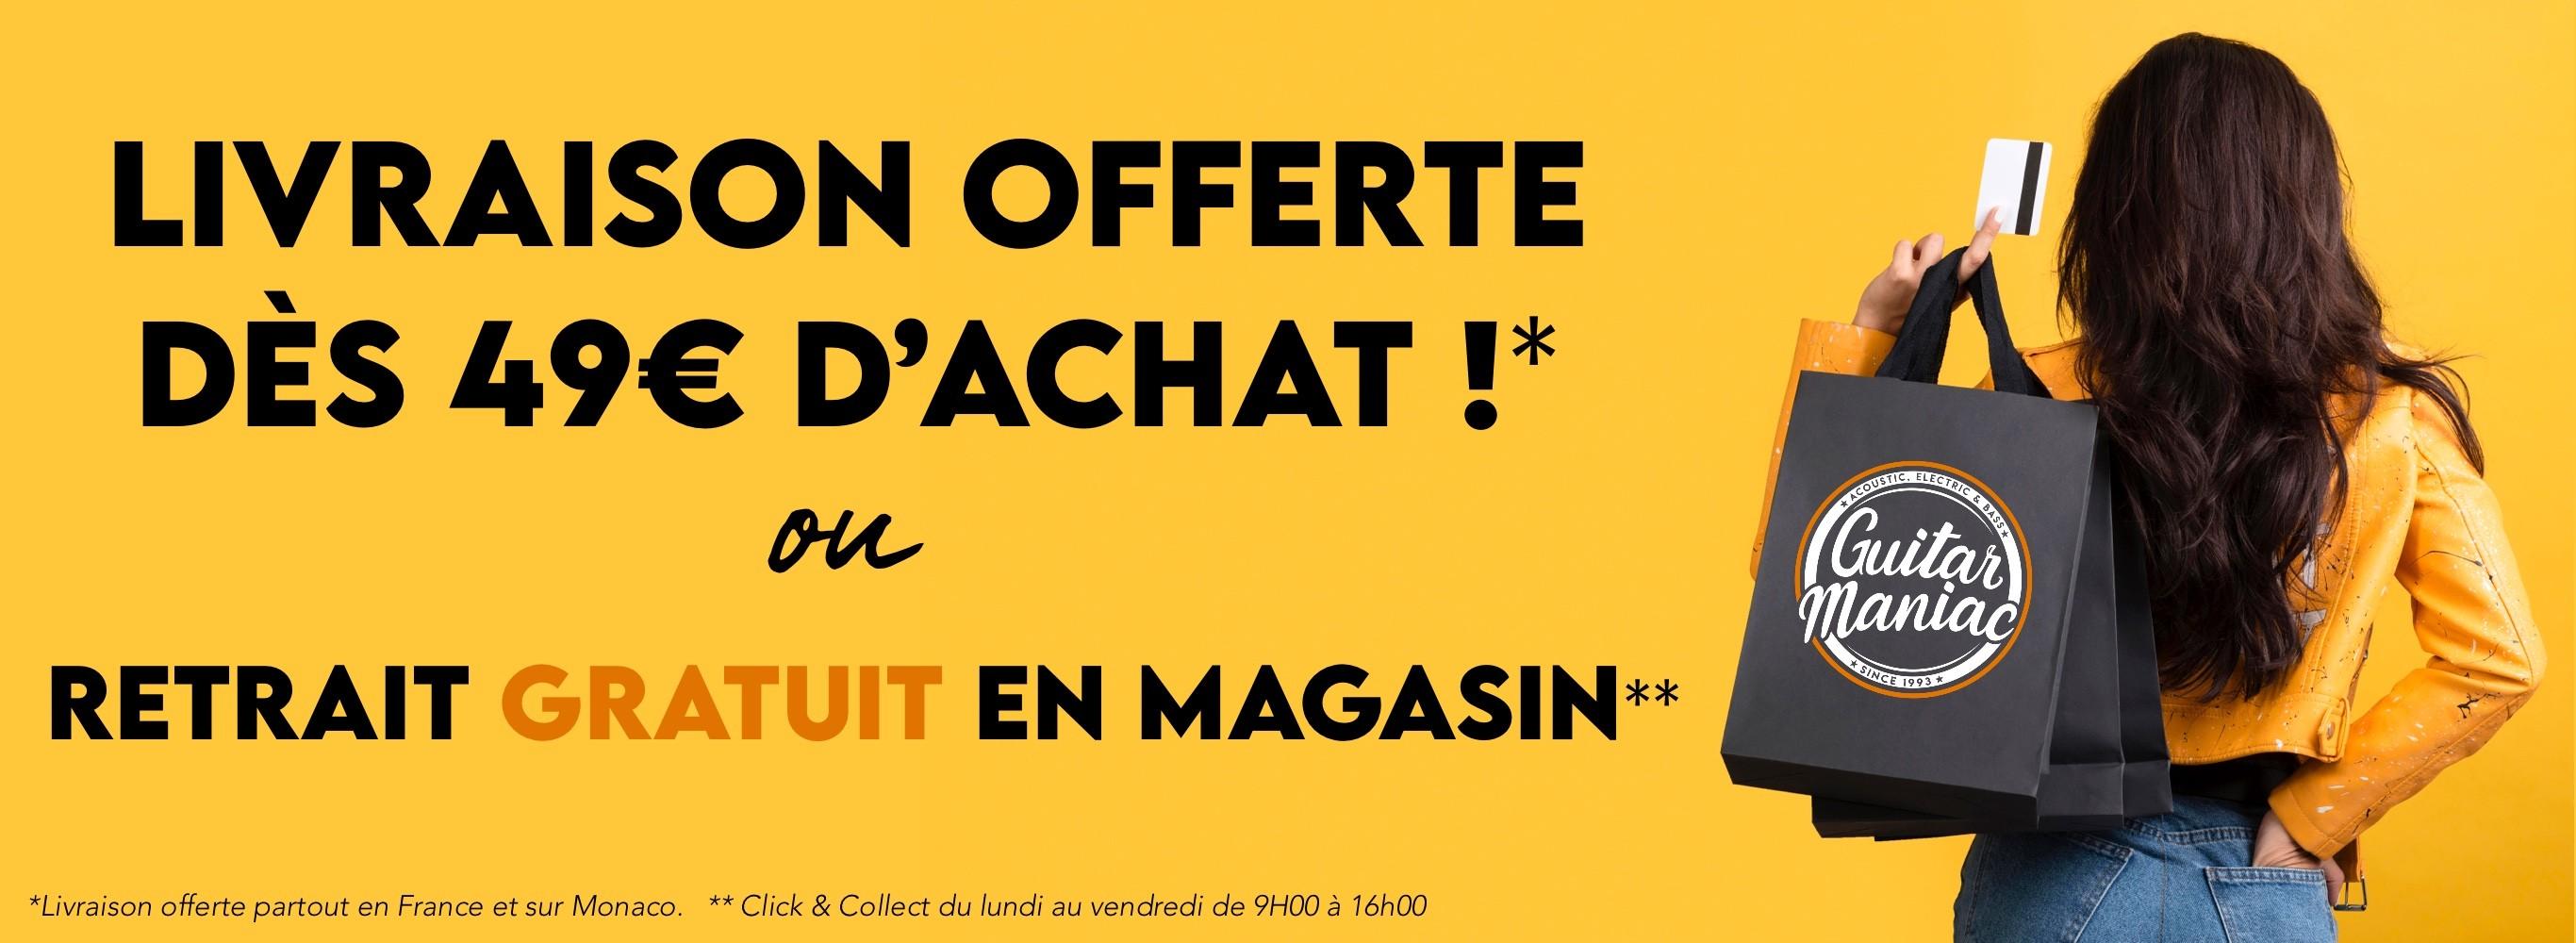 Durant le confinement, retirez gratuitement vos achats en magasin du lundi au vendredi de 9H00 à 16h00 ou alors profitez de la livraison offerte partout en France et sur Monaco à partir de 49€ d'achats.